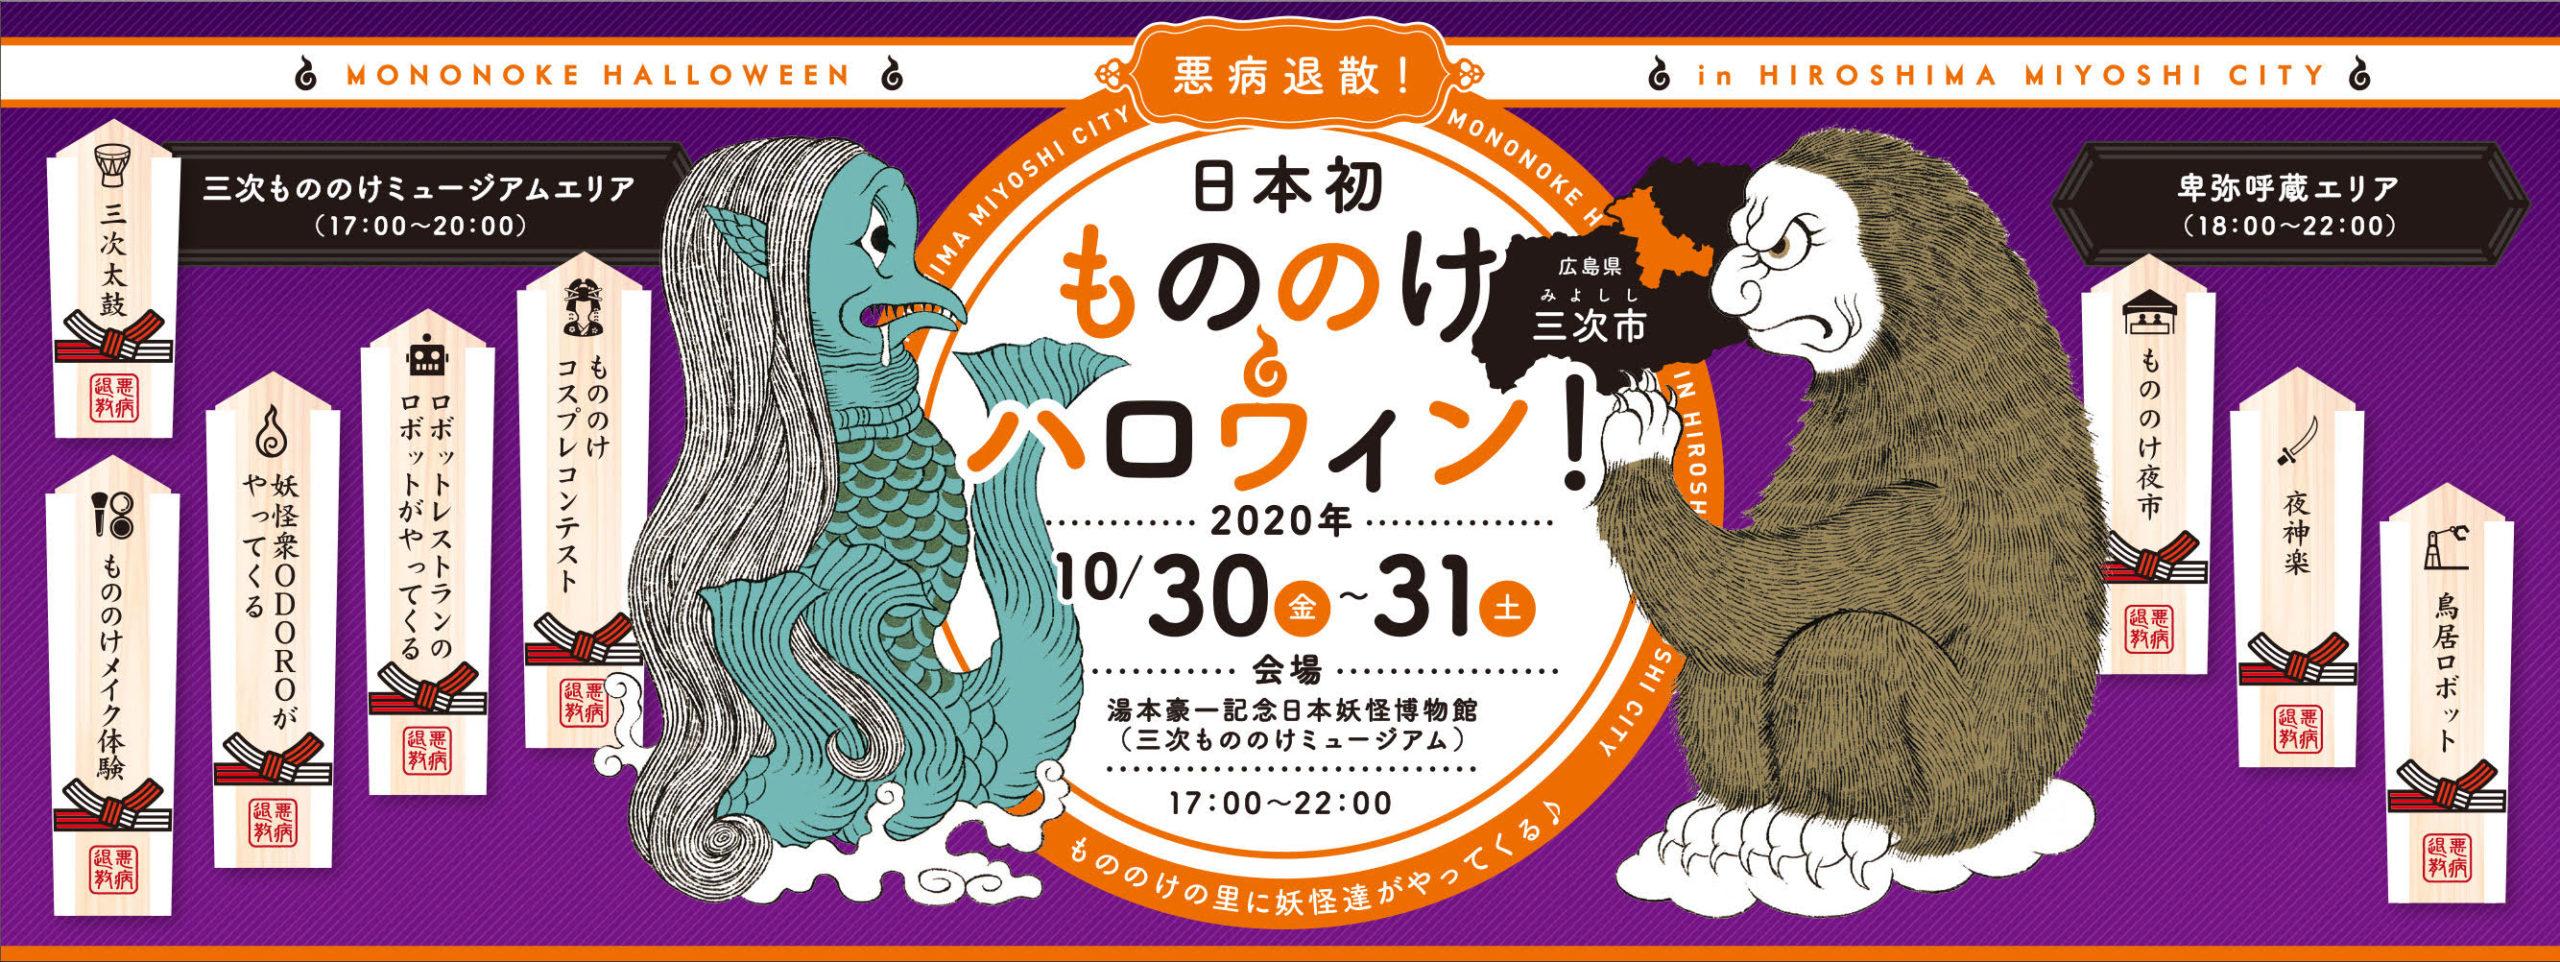 「もののけハロウィン in 三次」 10/30&31に開催、当日はTwitterでもライブ配信!日本初の妖怪がテーマのハロウィンイベント